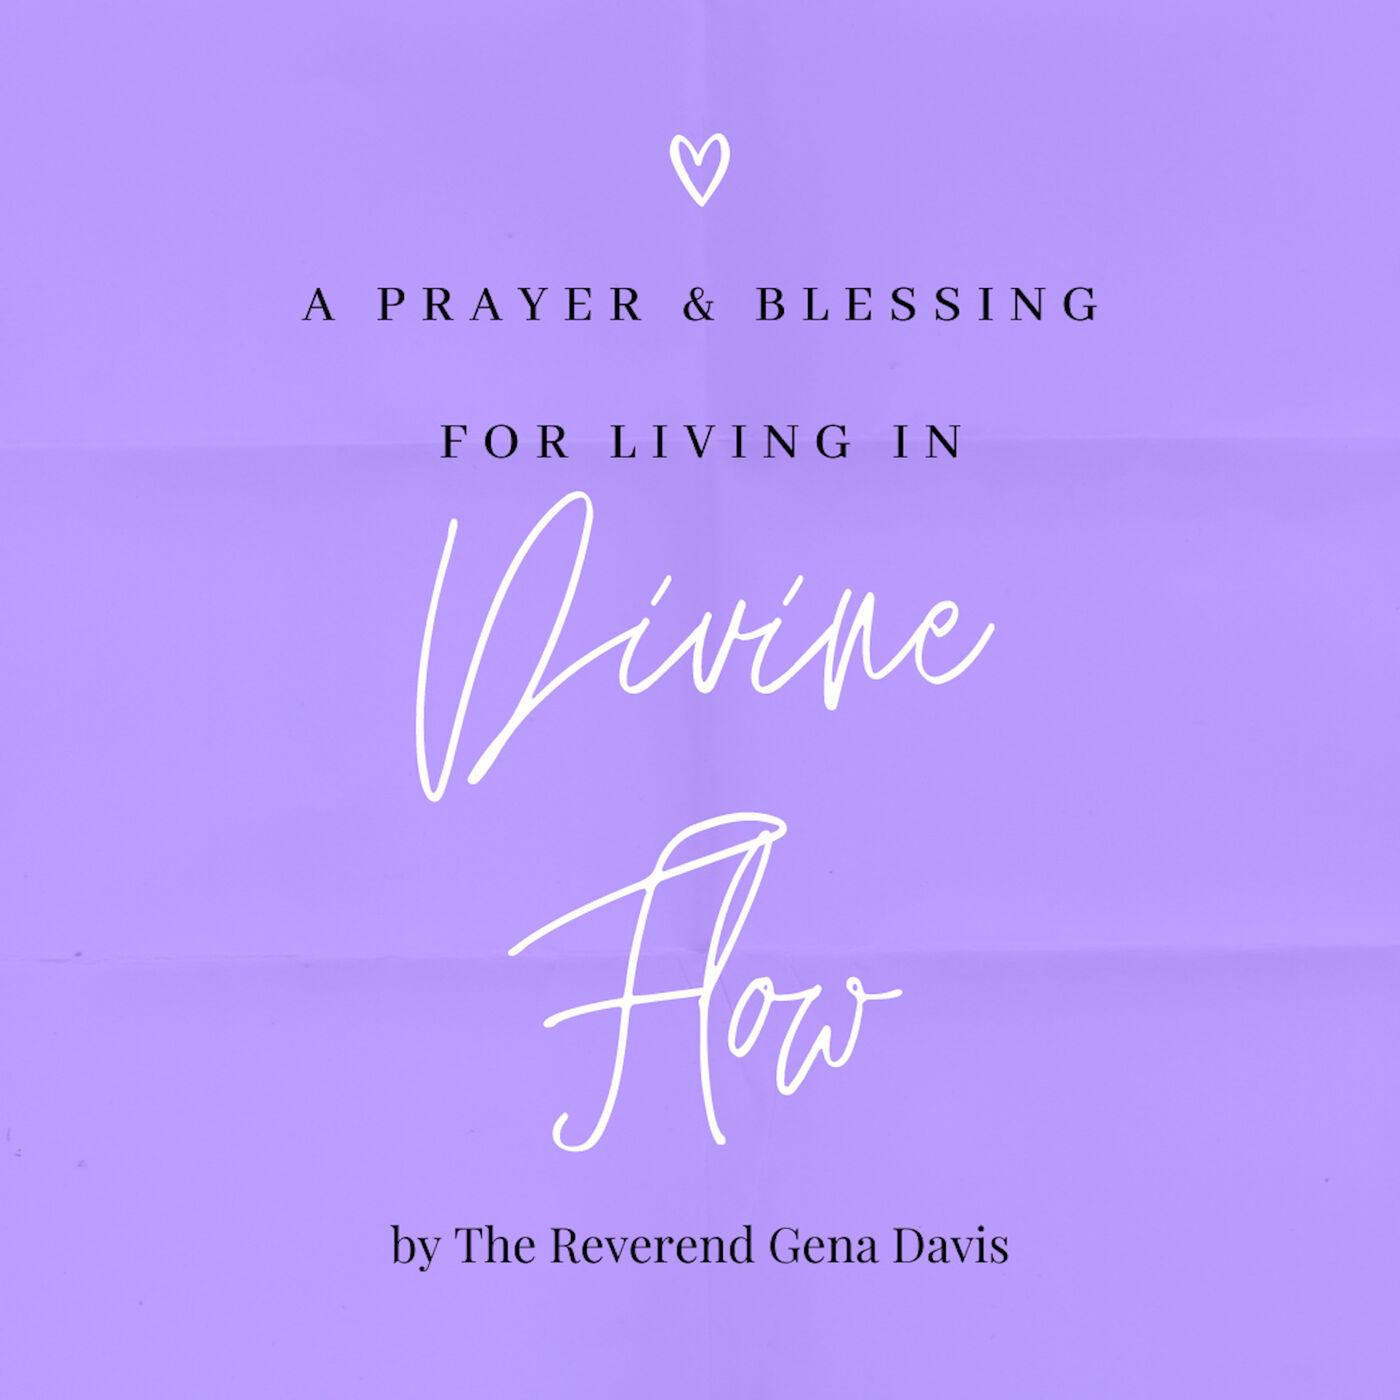 Divine Flow Prayer & Blessing with Gena Davis